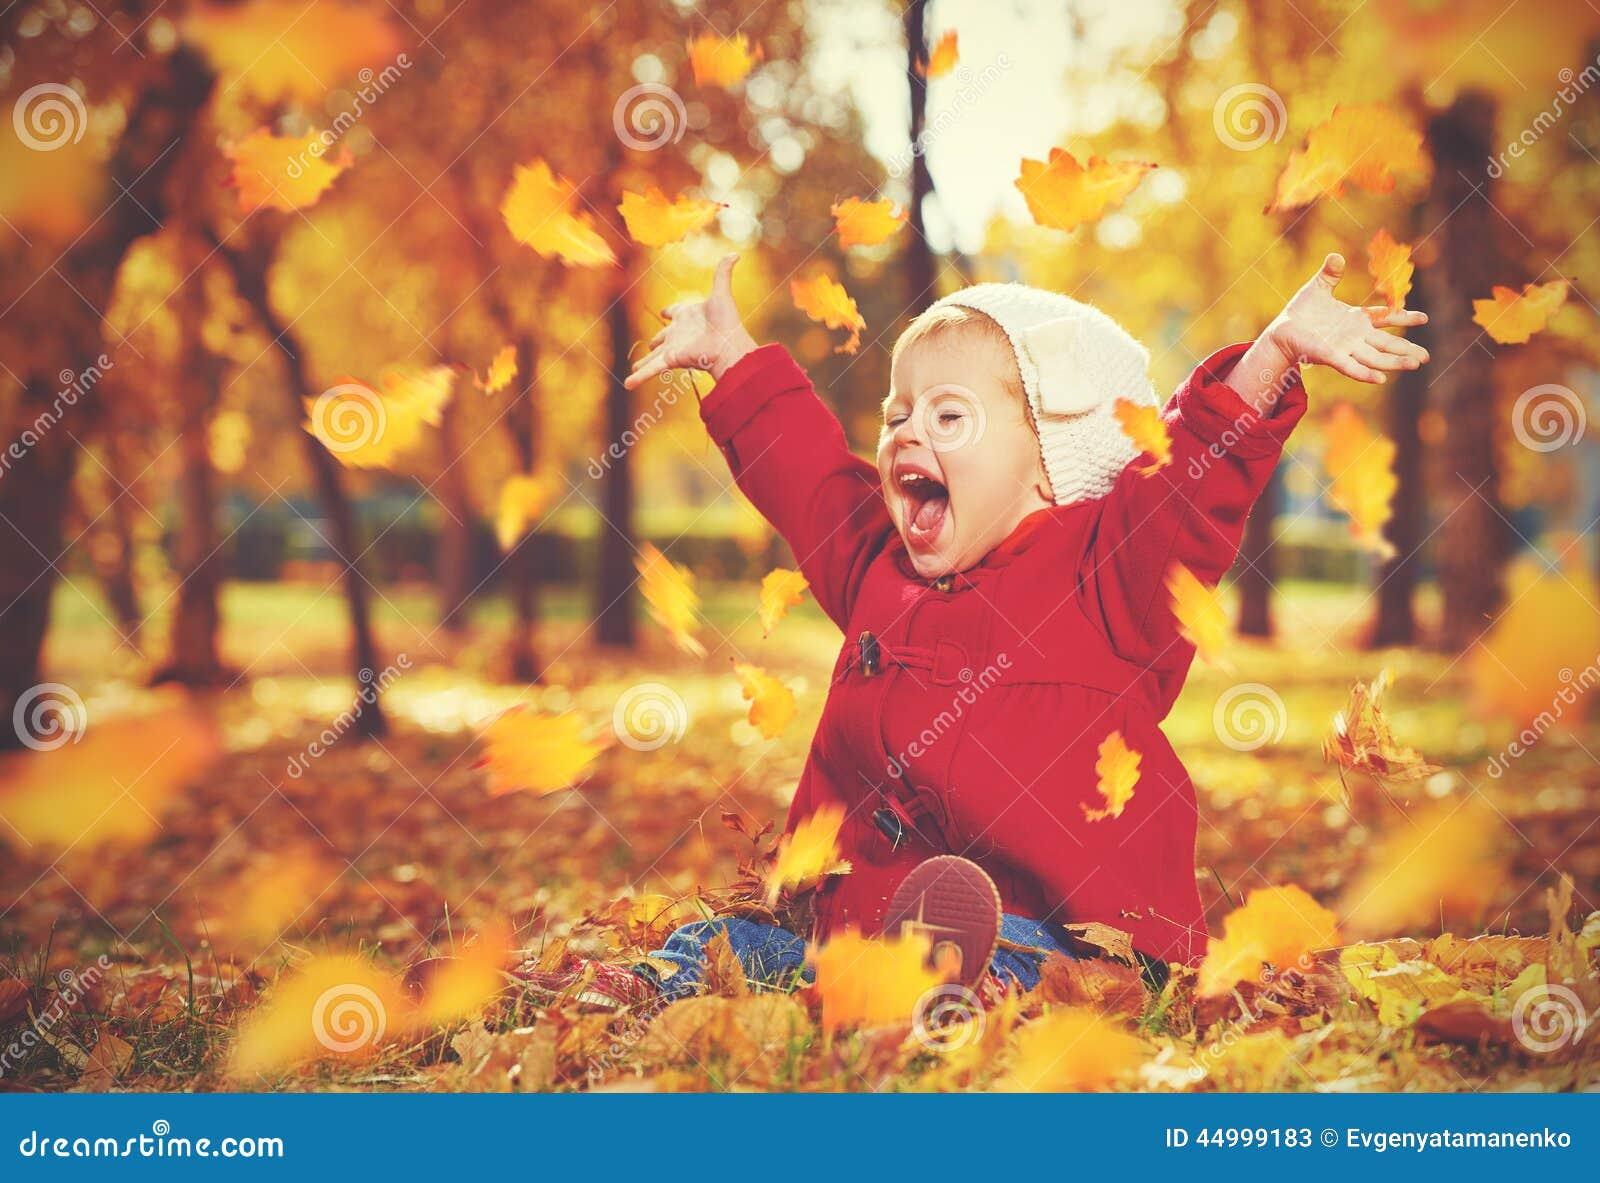 Ευτυχής λίγο παιδί, κοριτσάκι που γελά και που παίζει το φθινόπωρο